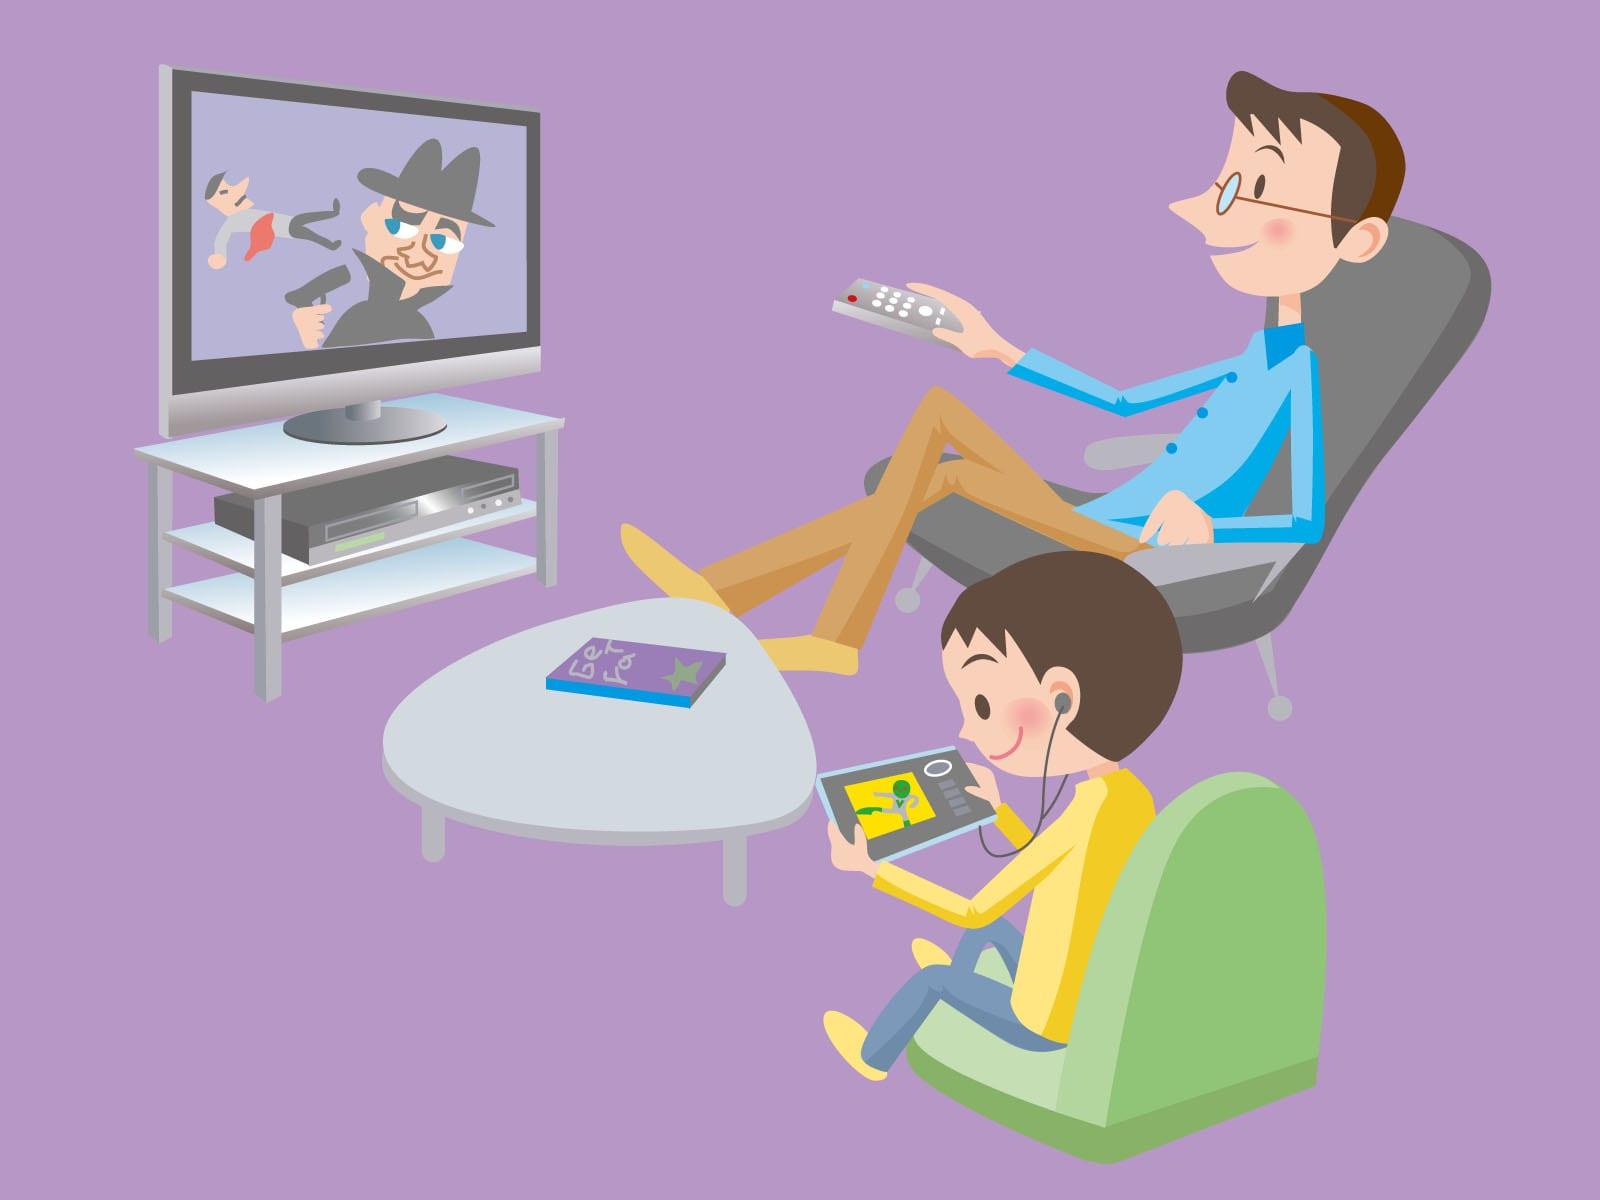 看電視 到底對孩子而言好不好?